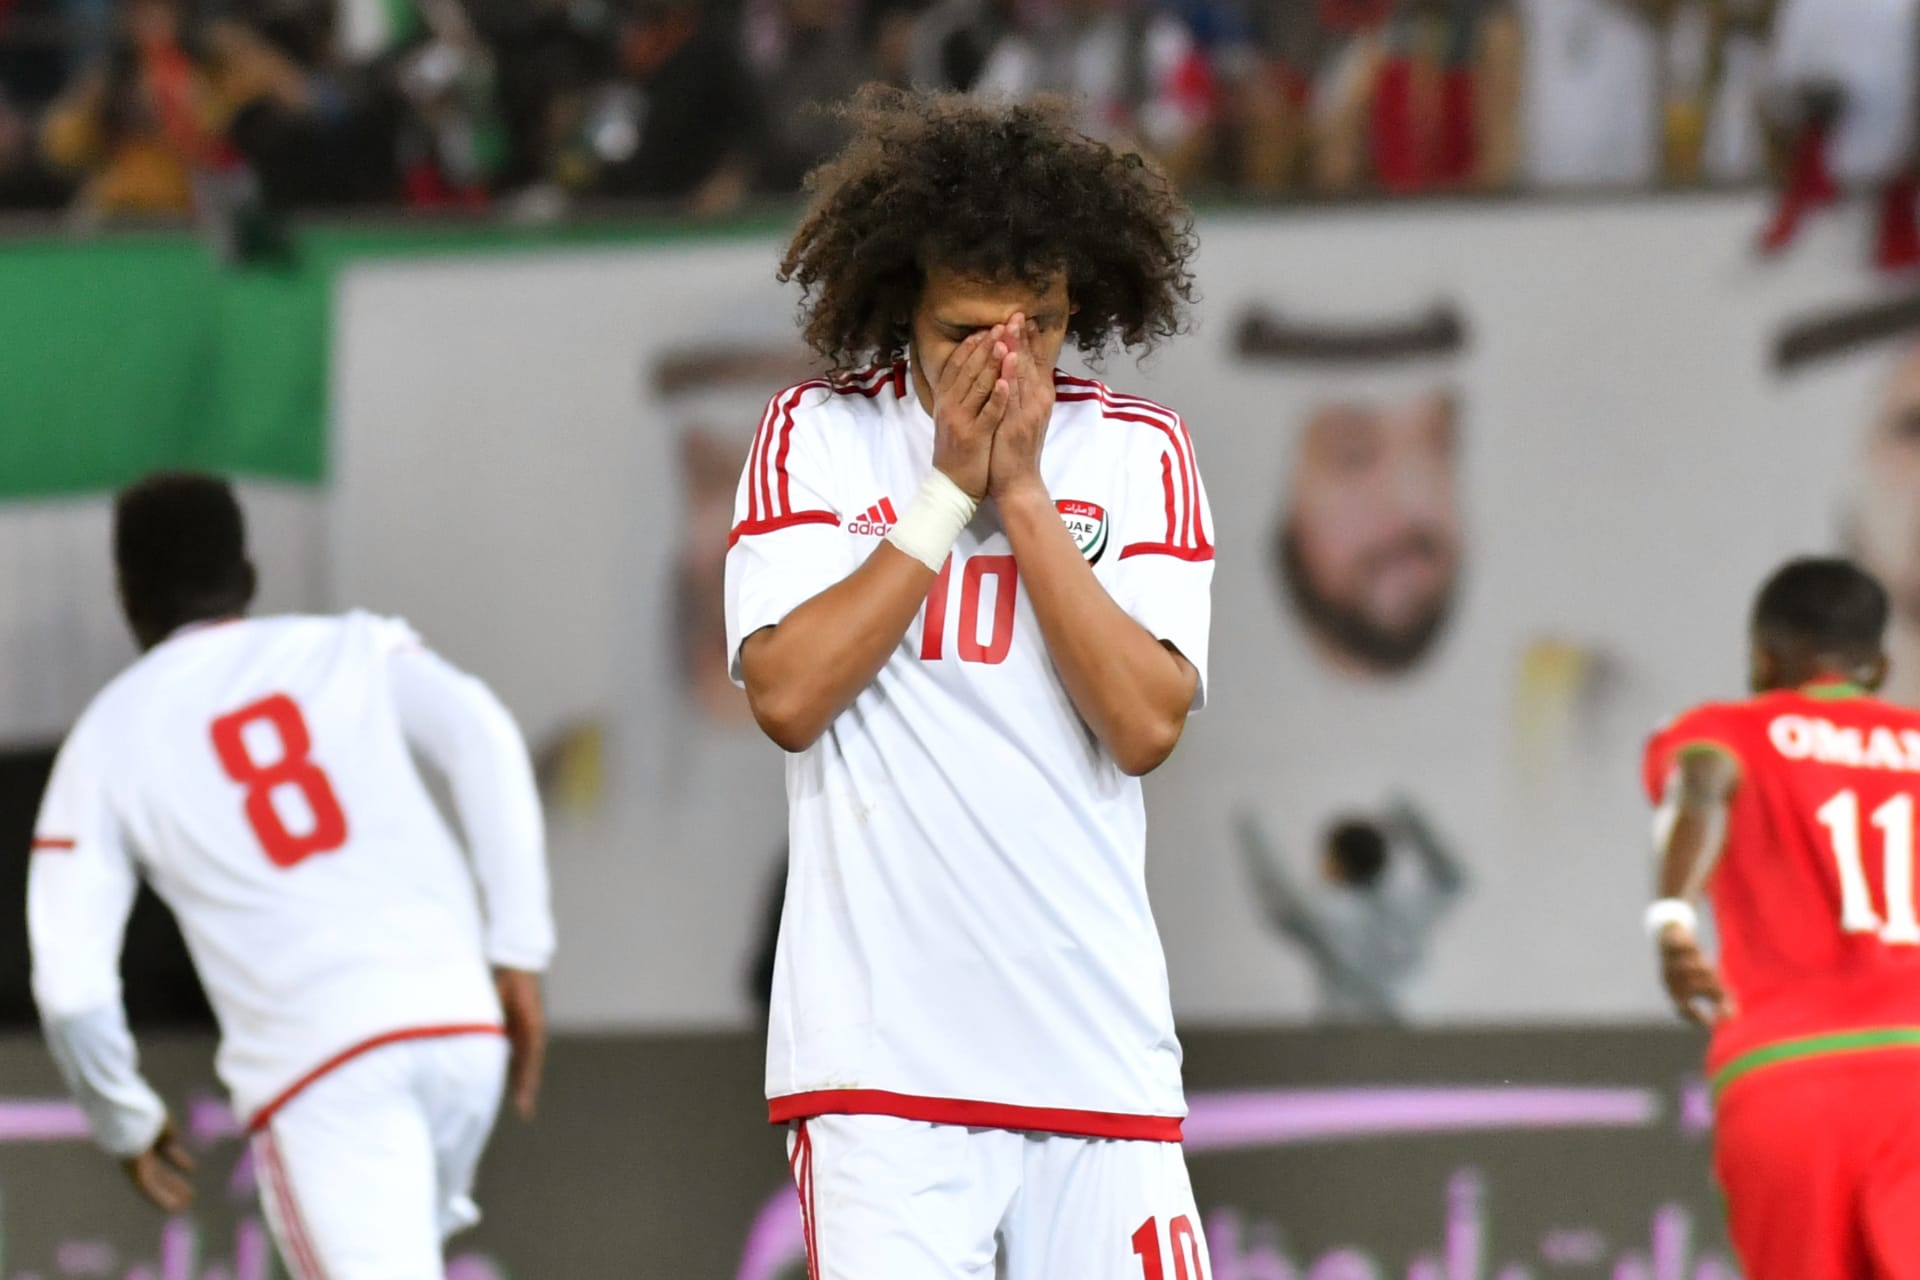 """عقوبات مشددة على عمر عبد الرحمن وعلي مبخوت بسبب """"نهائي كأس الخليج"""""""